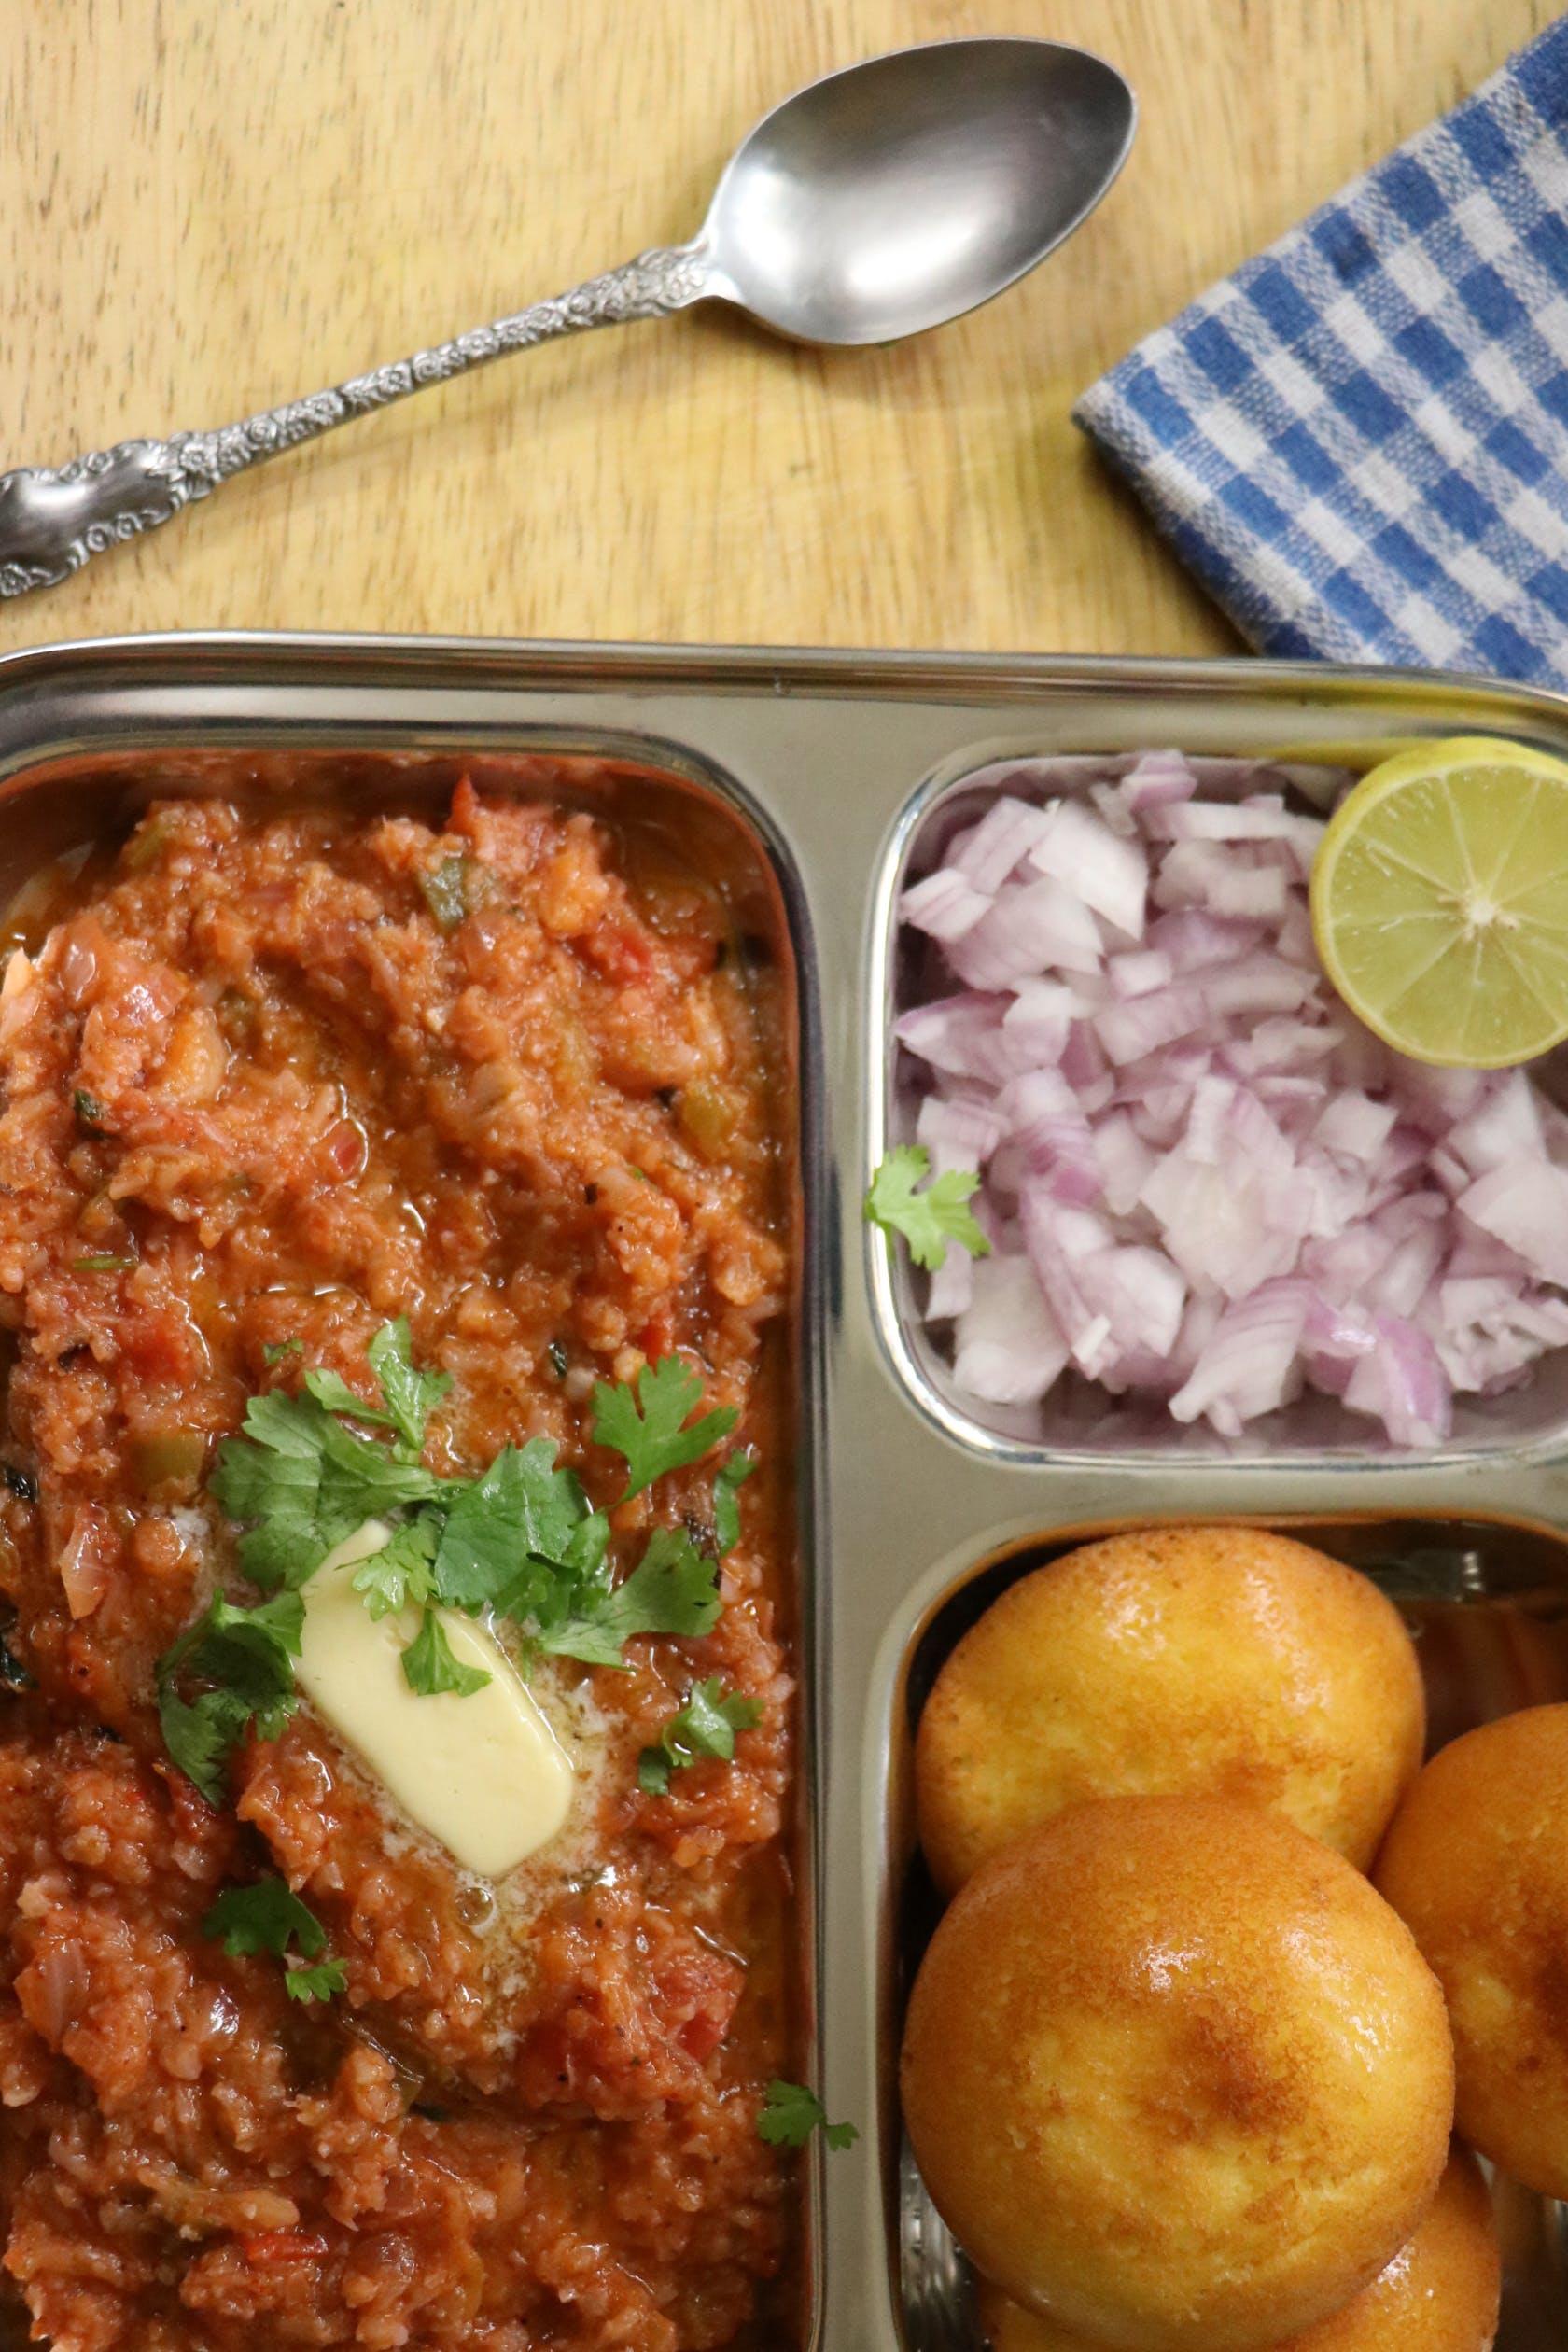 Low-carb pav bhaji